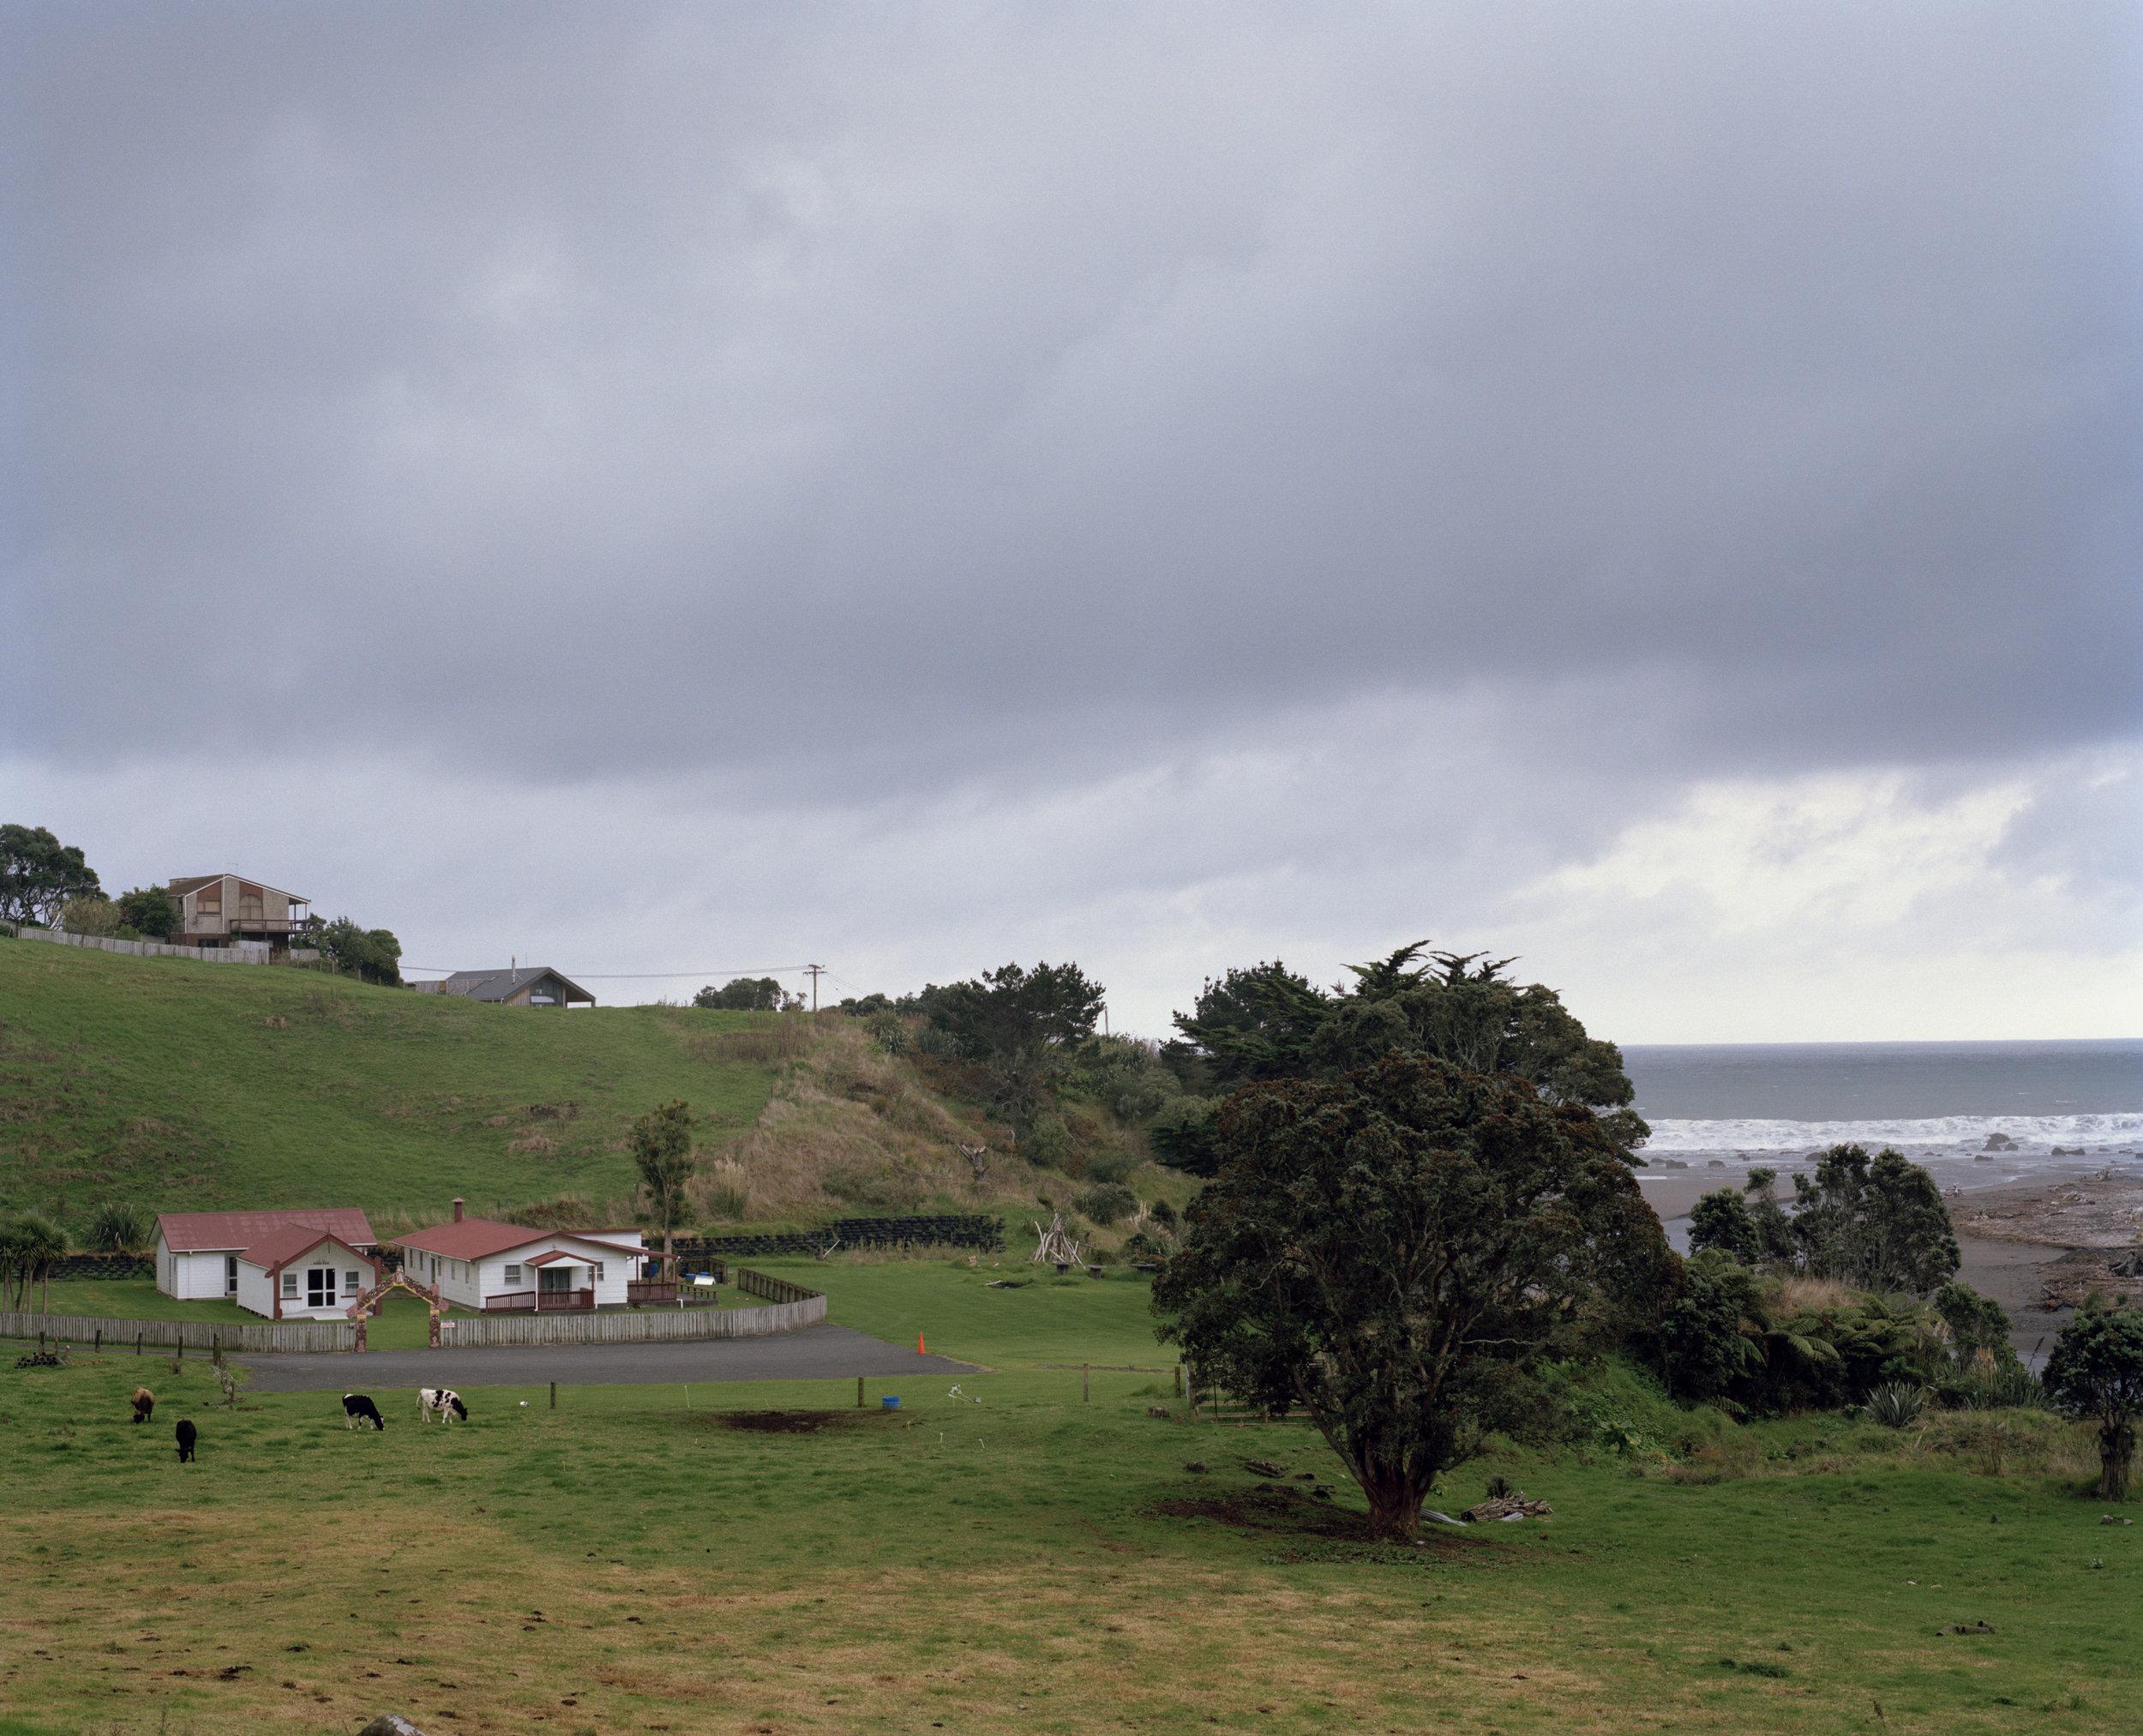 Oākura Pā - Okorotua Marae, 2013